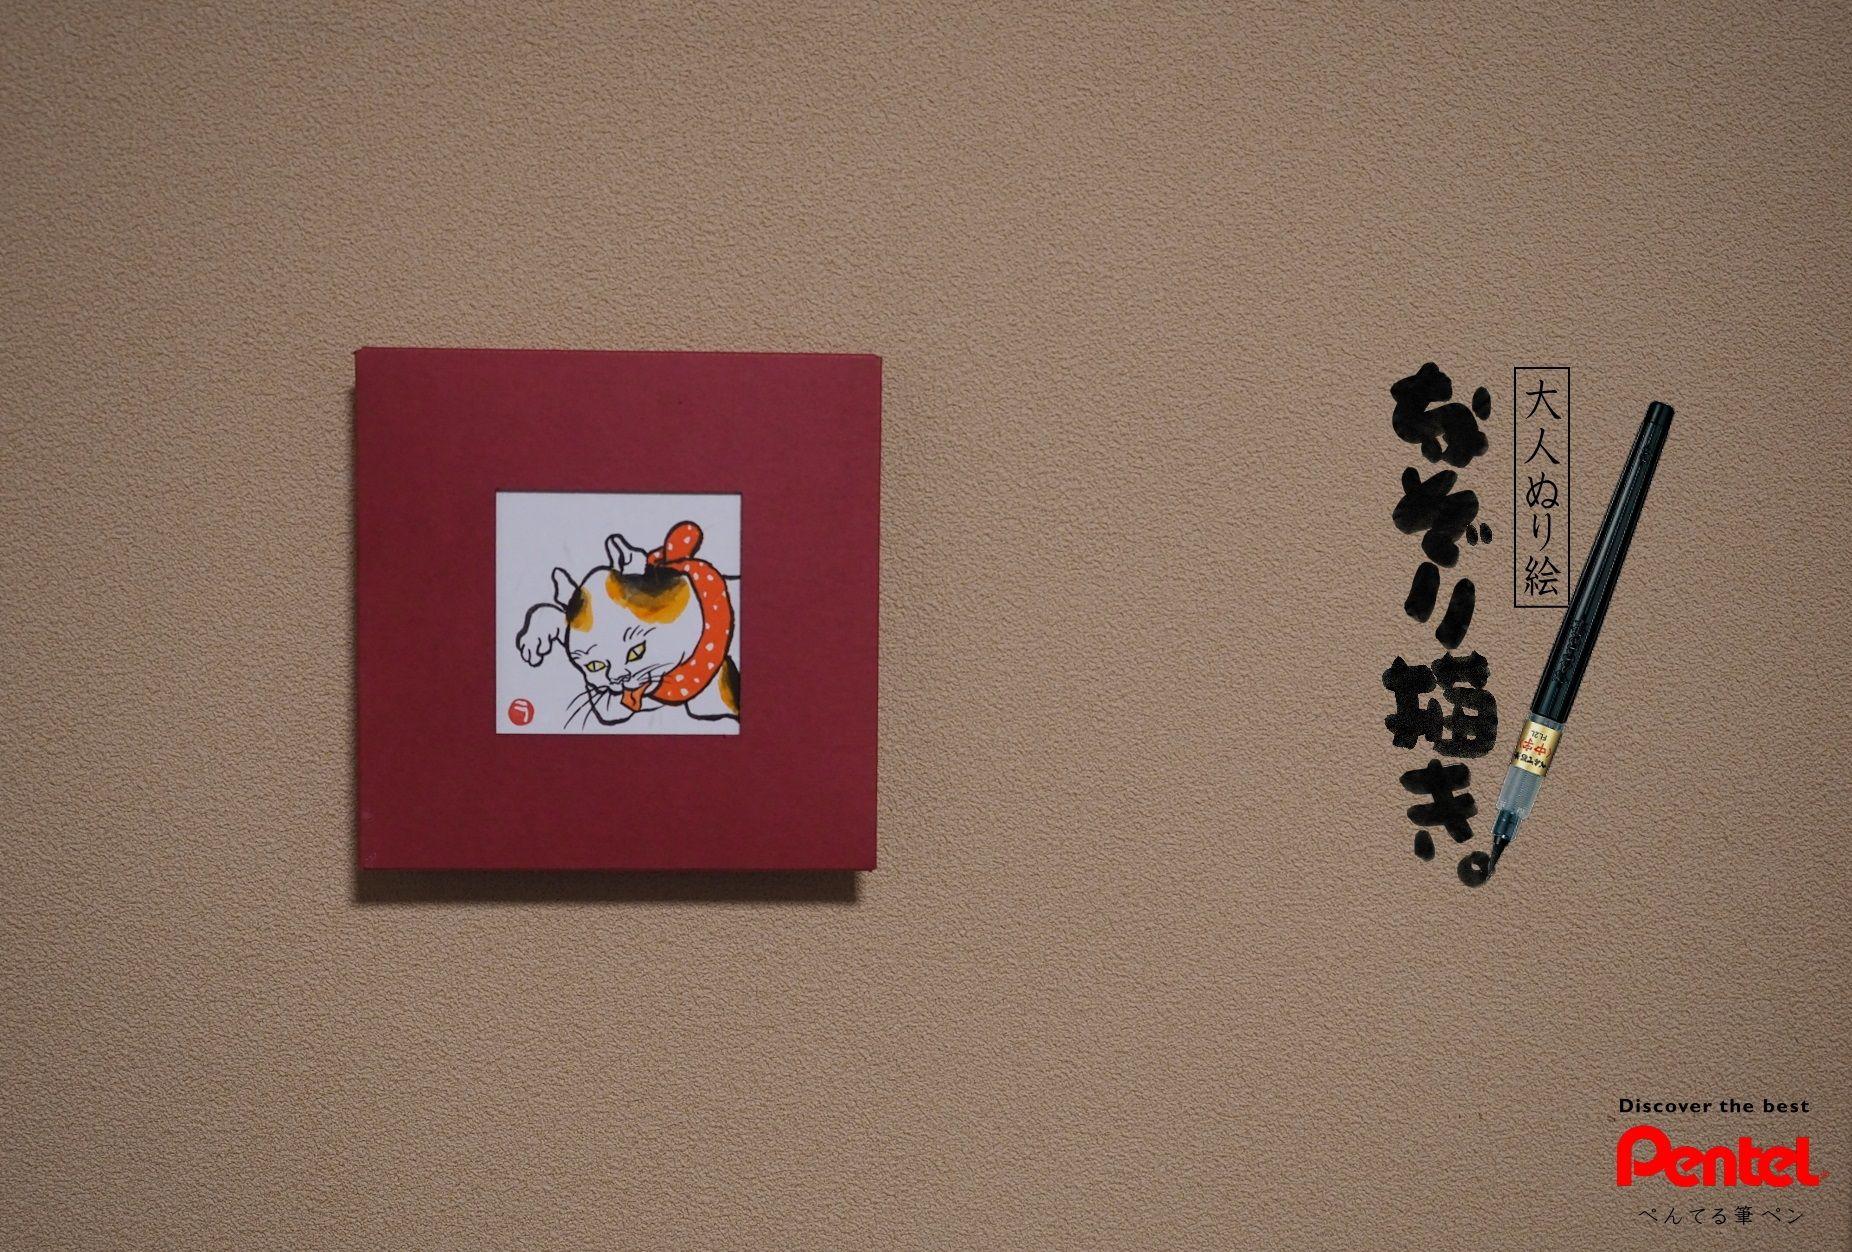 「ねこまつり」やるってよ! 限定猫スイーツや猫の御朱印も【画像10枚】の画像008